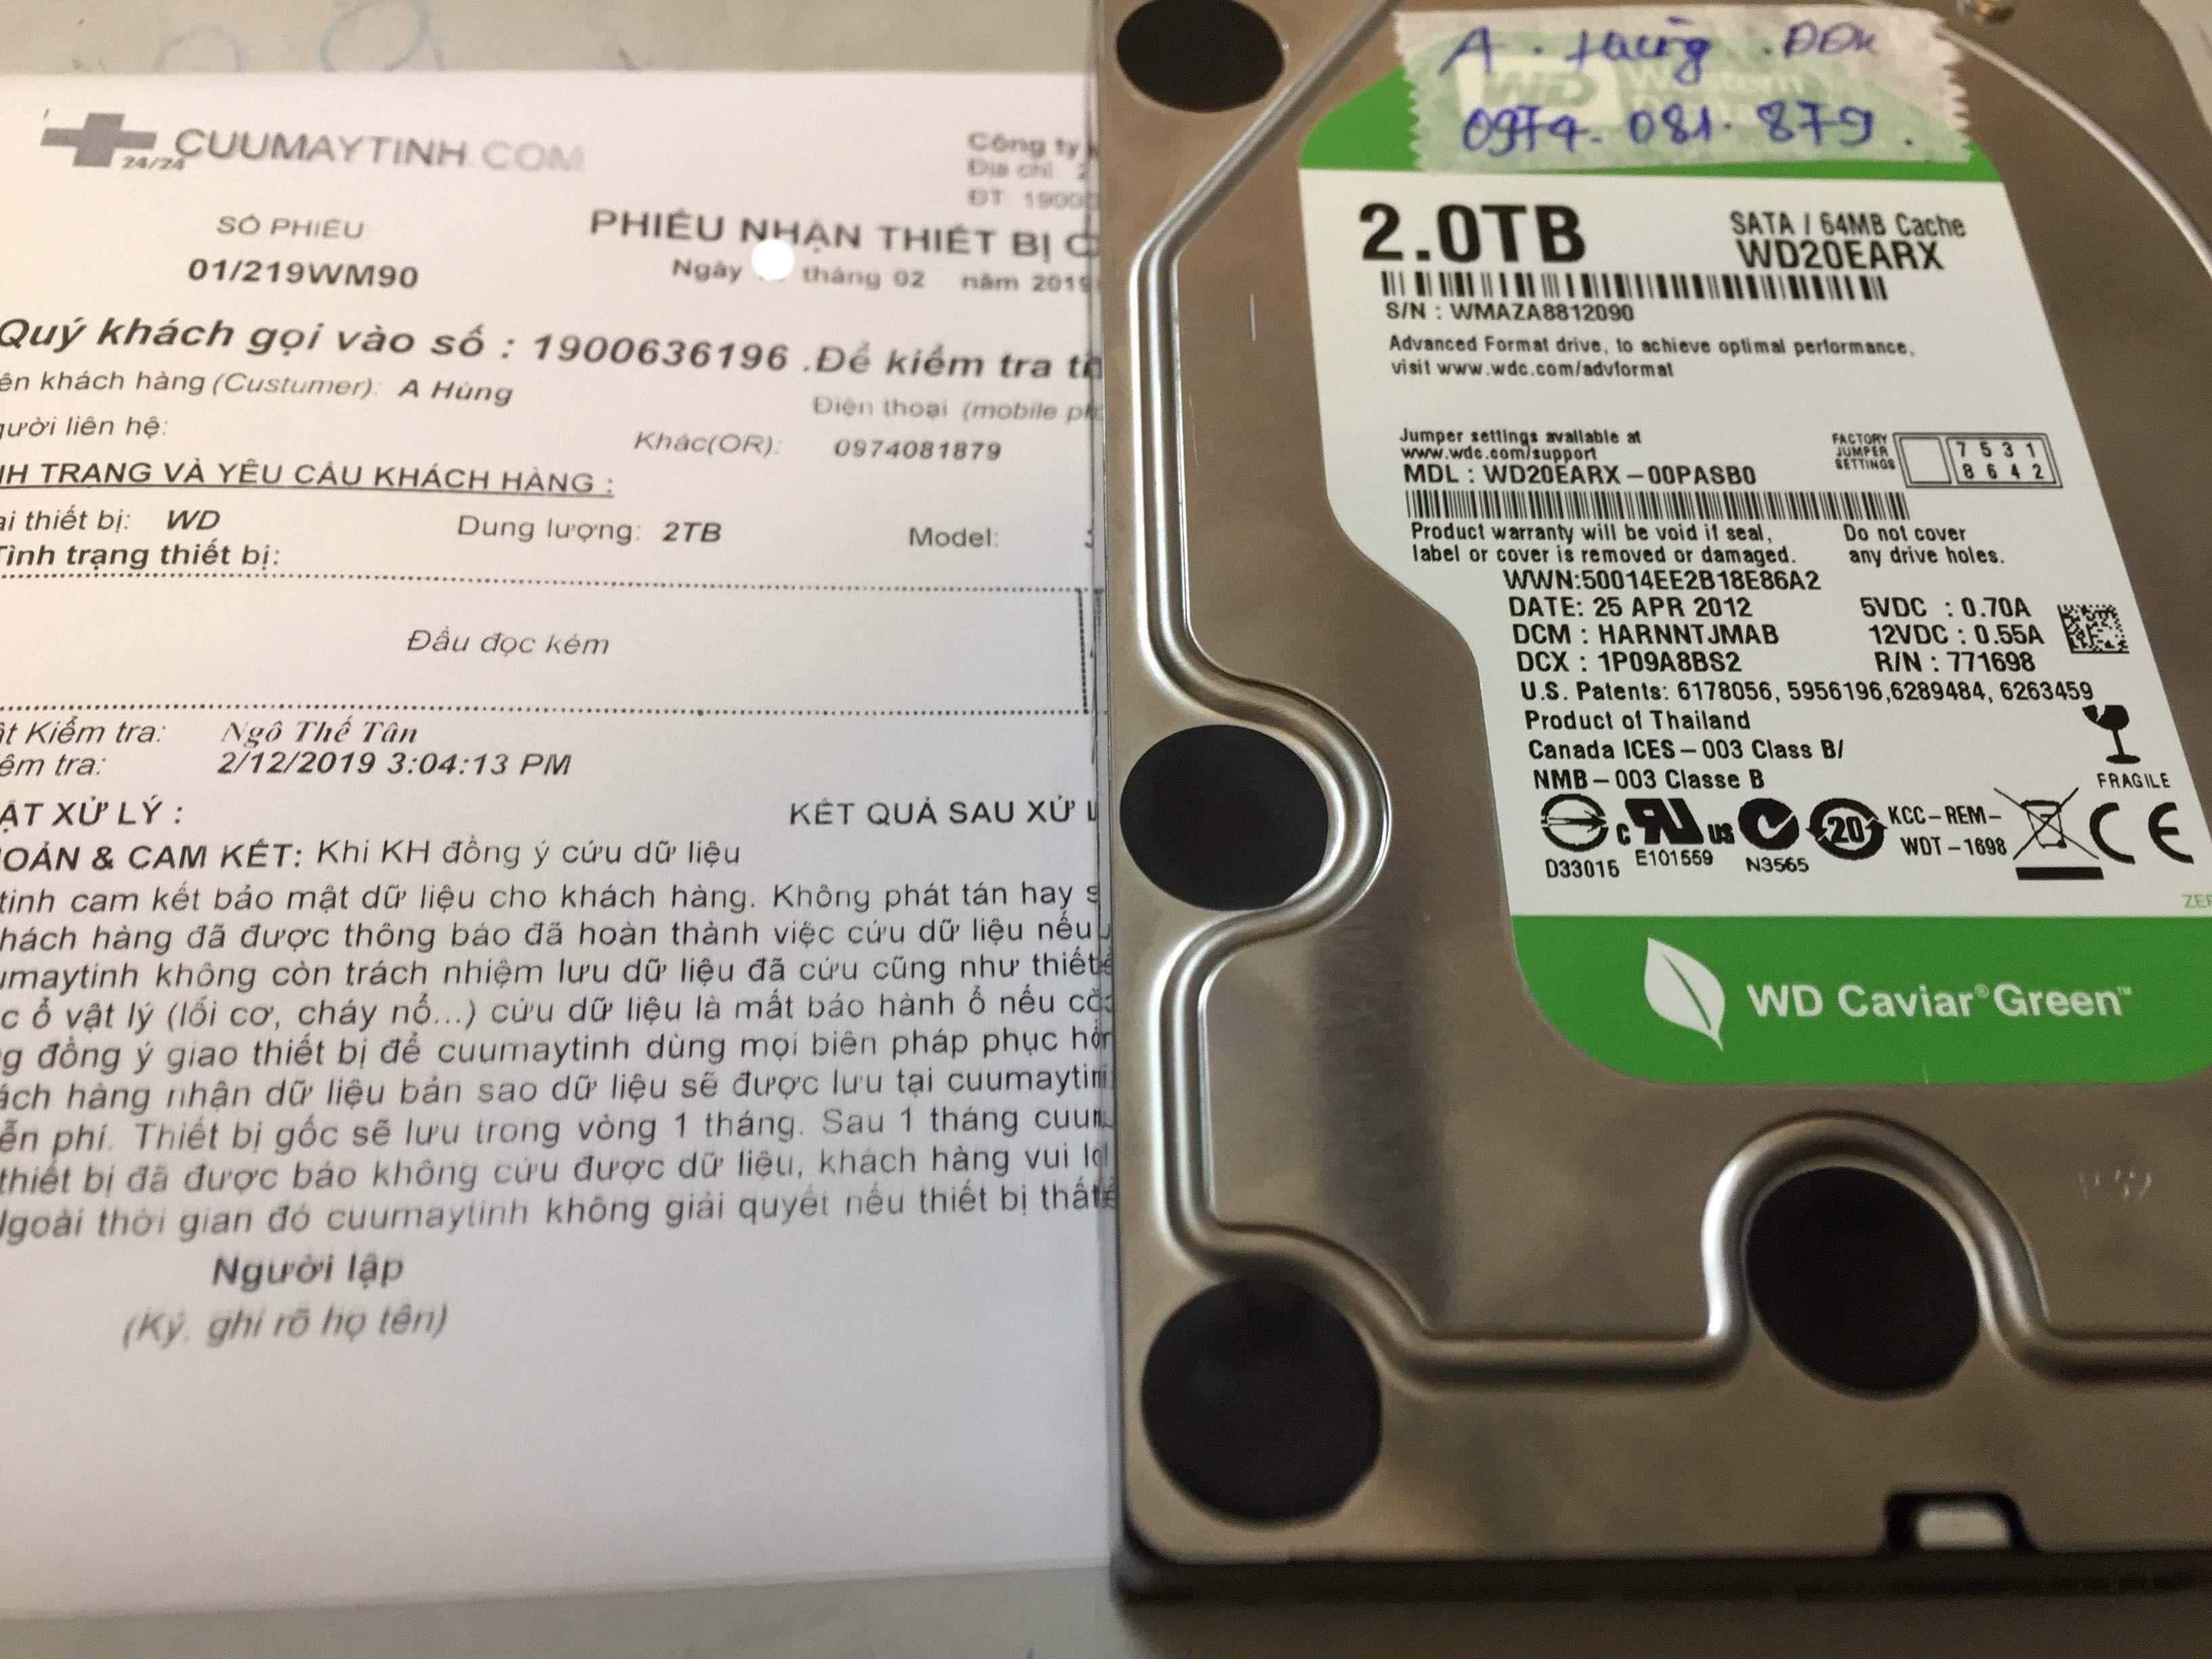 Lấy dữ liệu ổ cứng Western 2TB đầu đọc kém 20/02/2019 - cuumaytinh